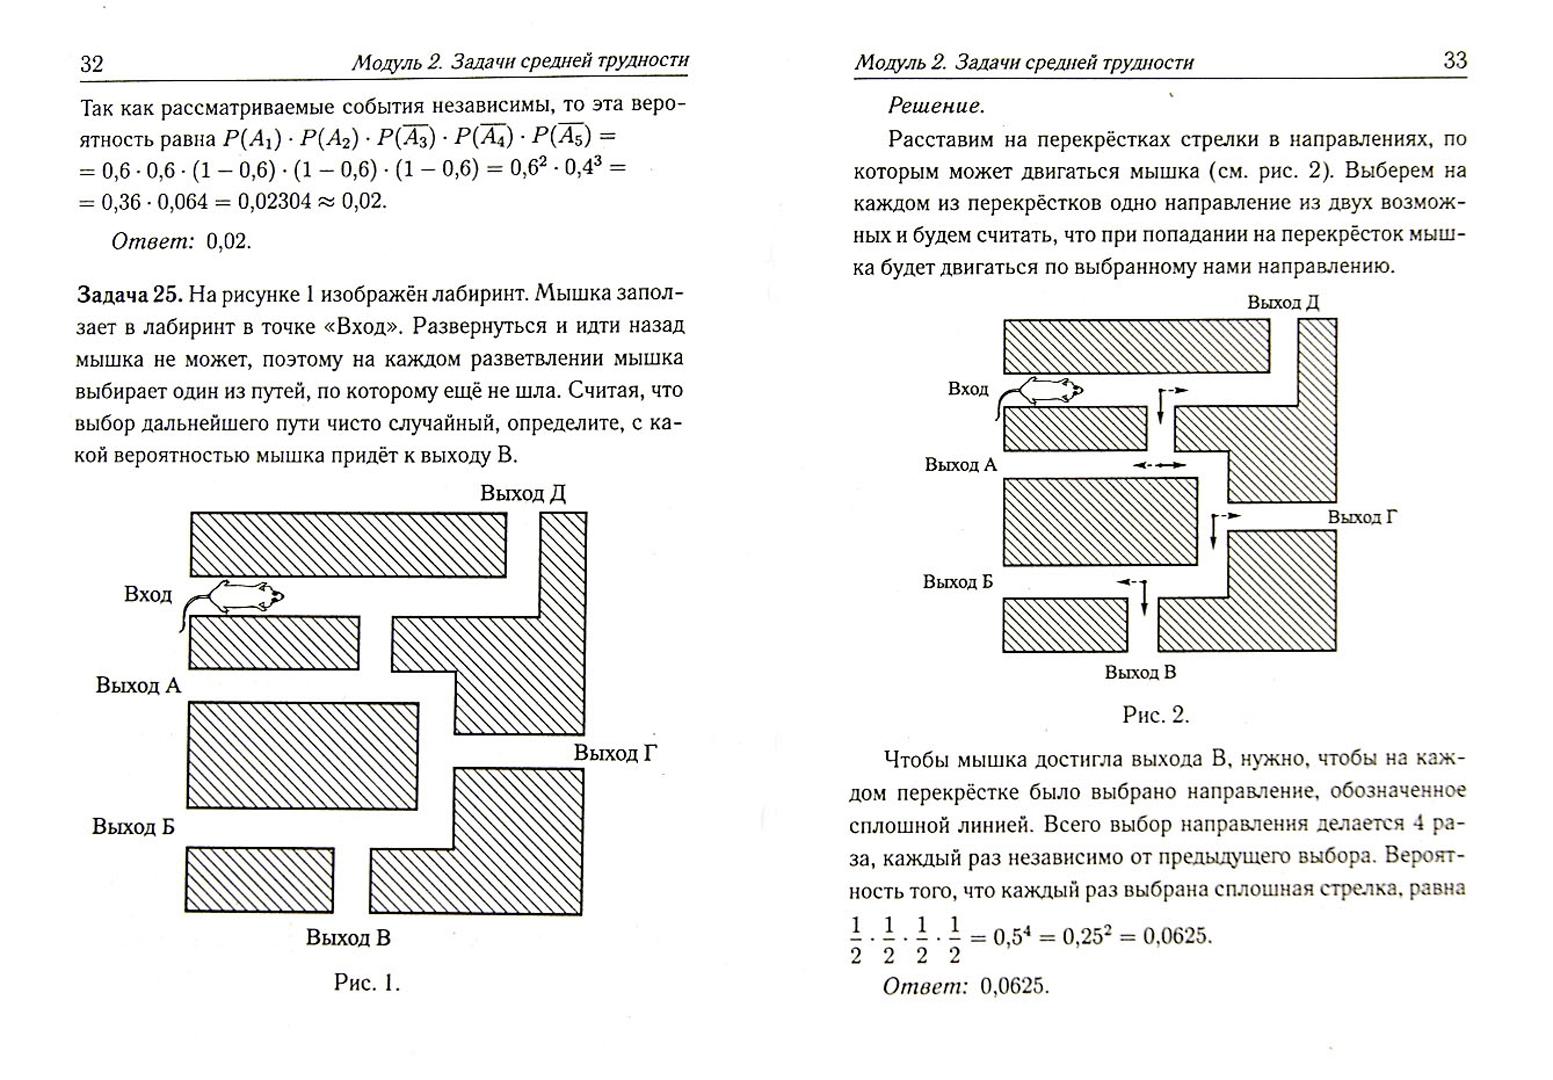 Иллюстрация 1 из 4 для Математика. Подготовка к ЕГЭ-2014. Теория вероятностей - Иванов, Коннова, Ханин | Лабиринт - книги. Источник: Лабиринт